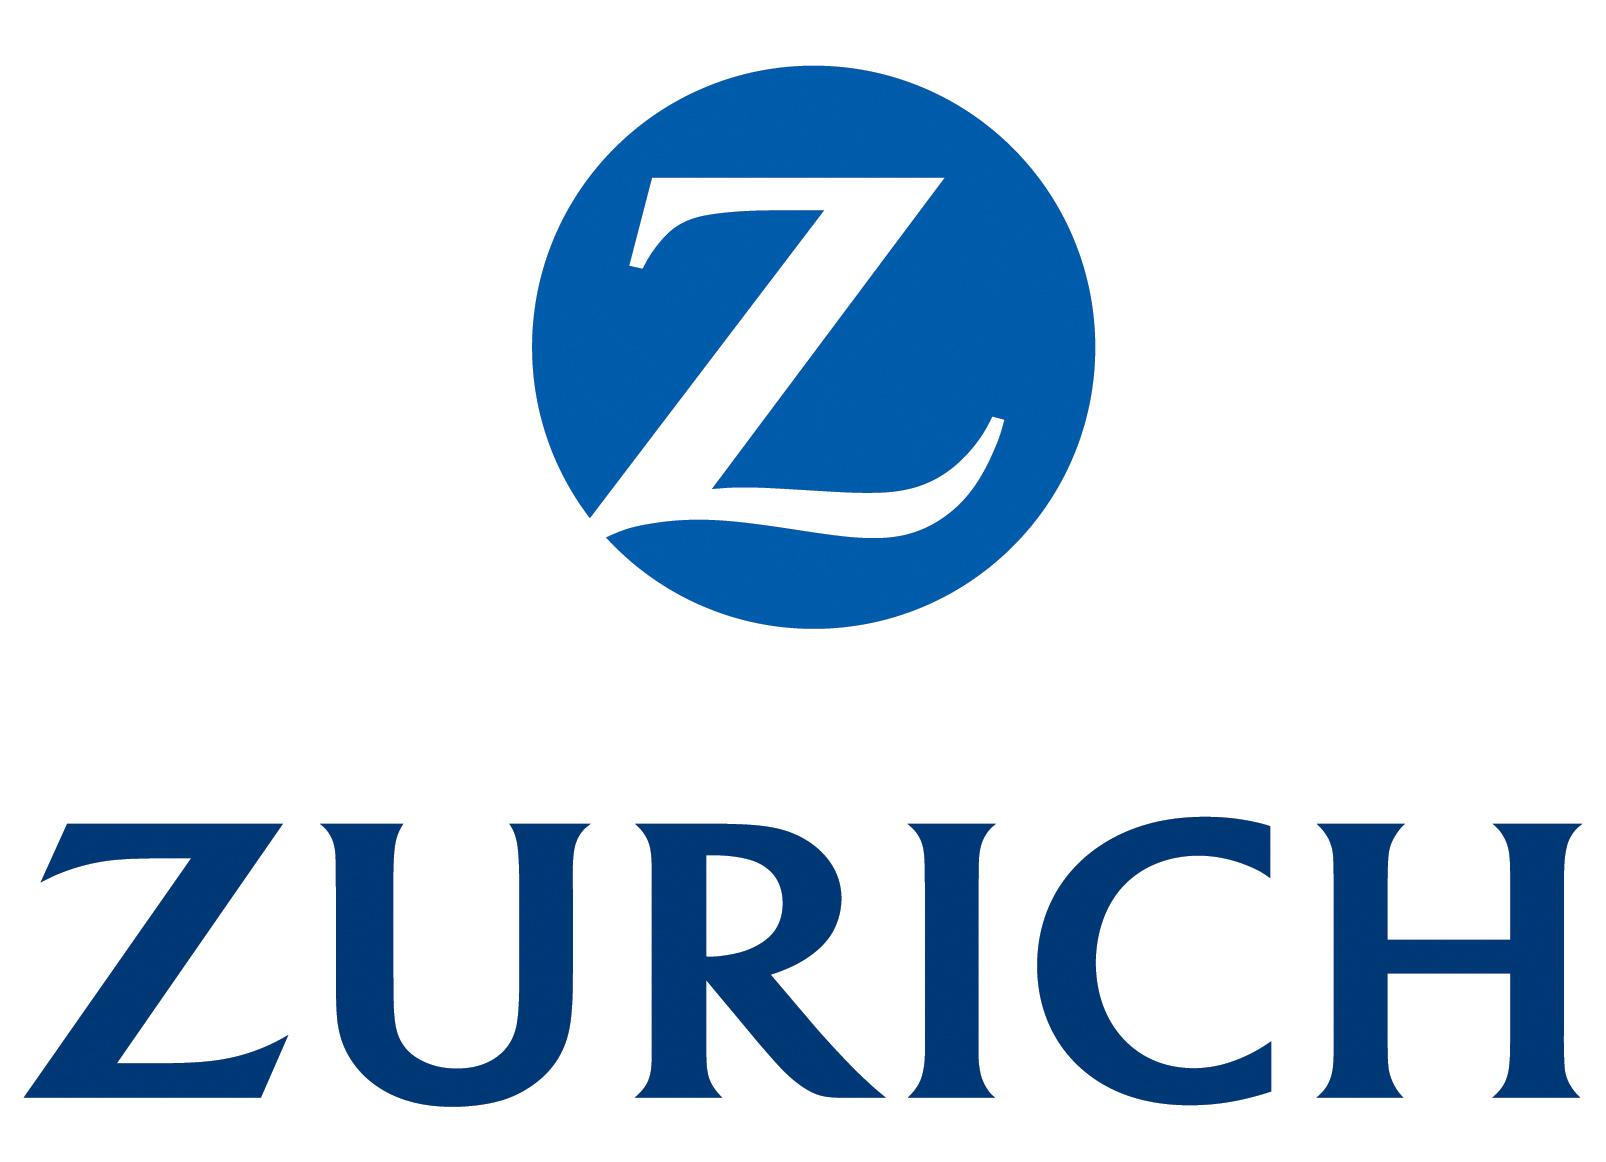 Zurich Ins Group logo